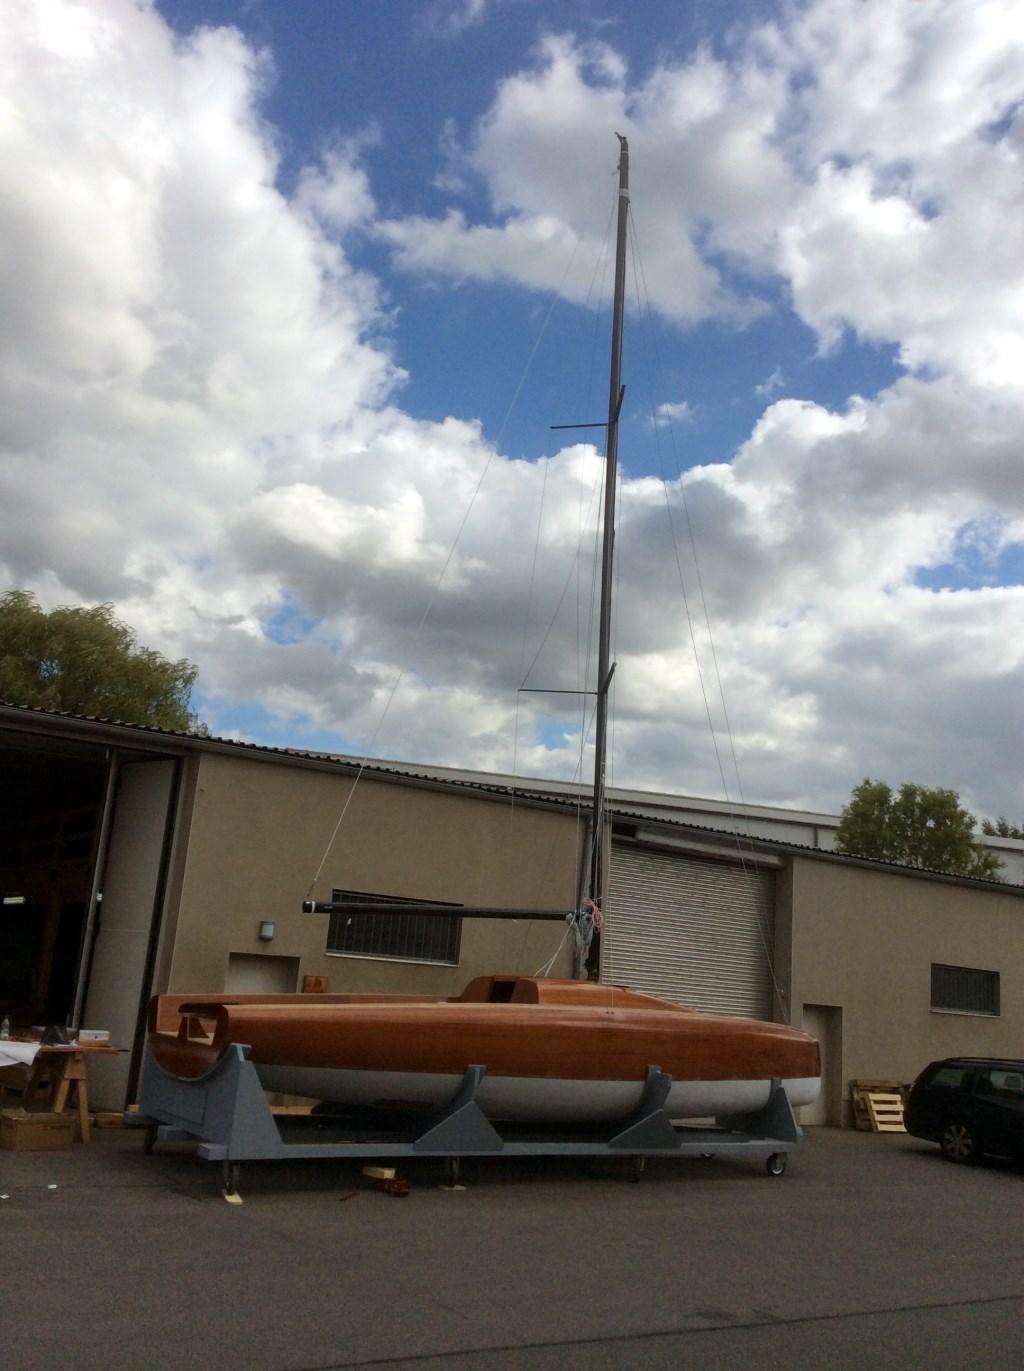 LA 28 mit Mast